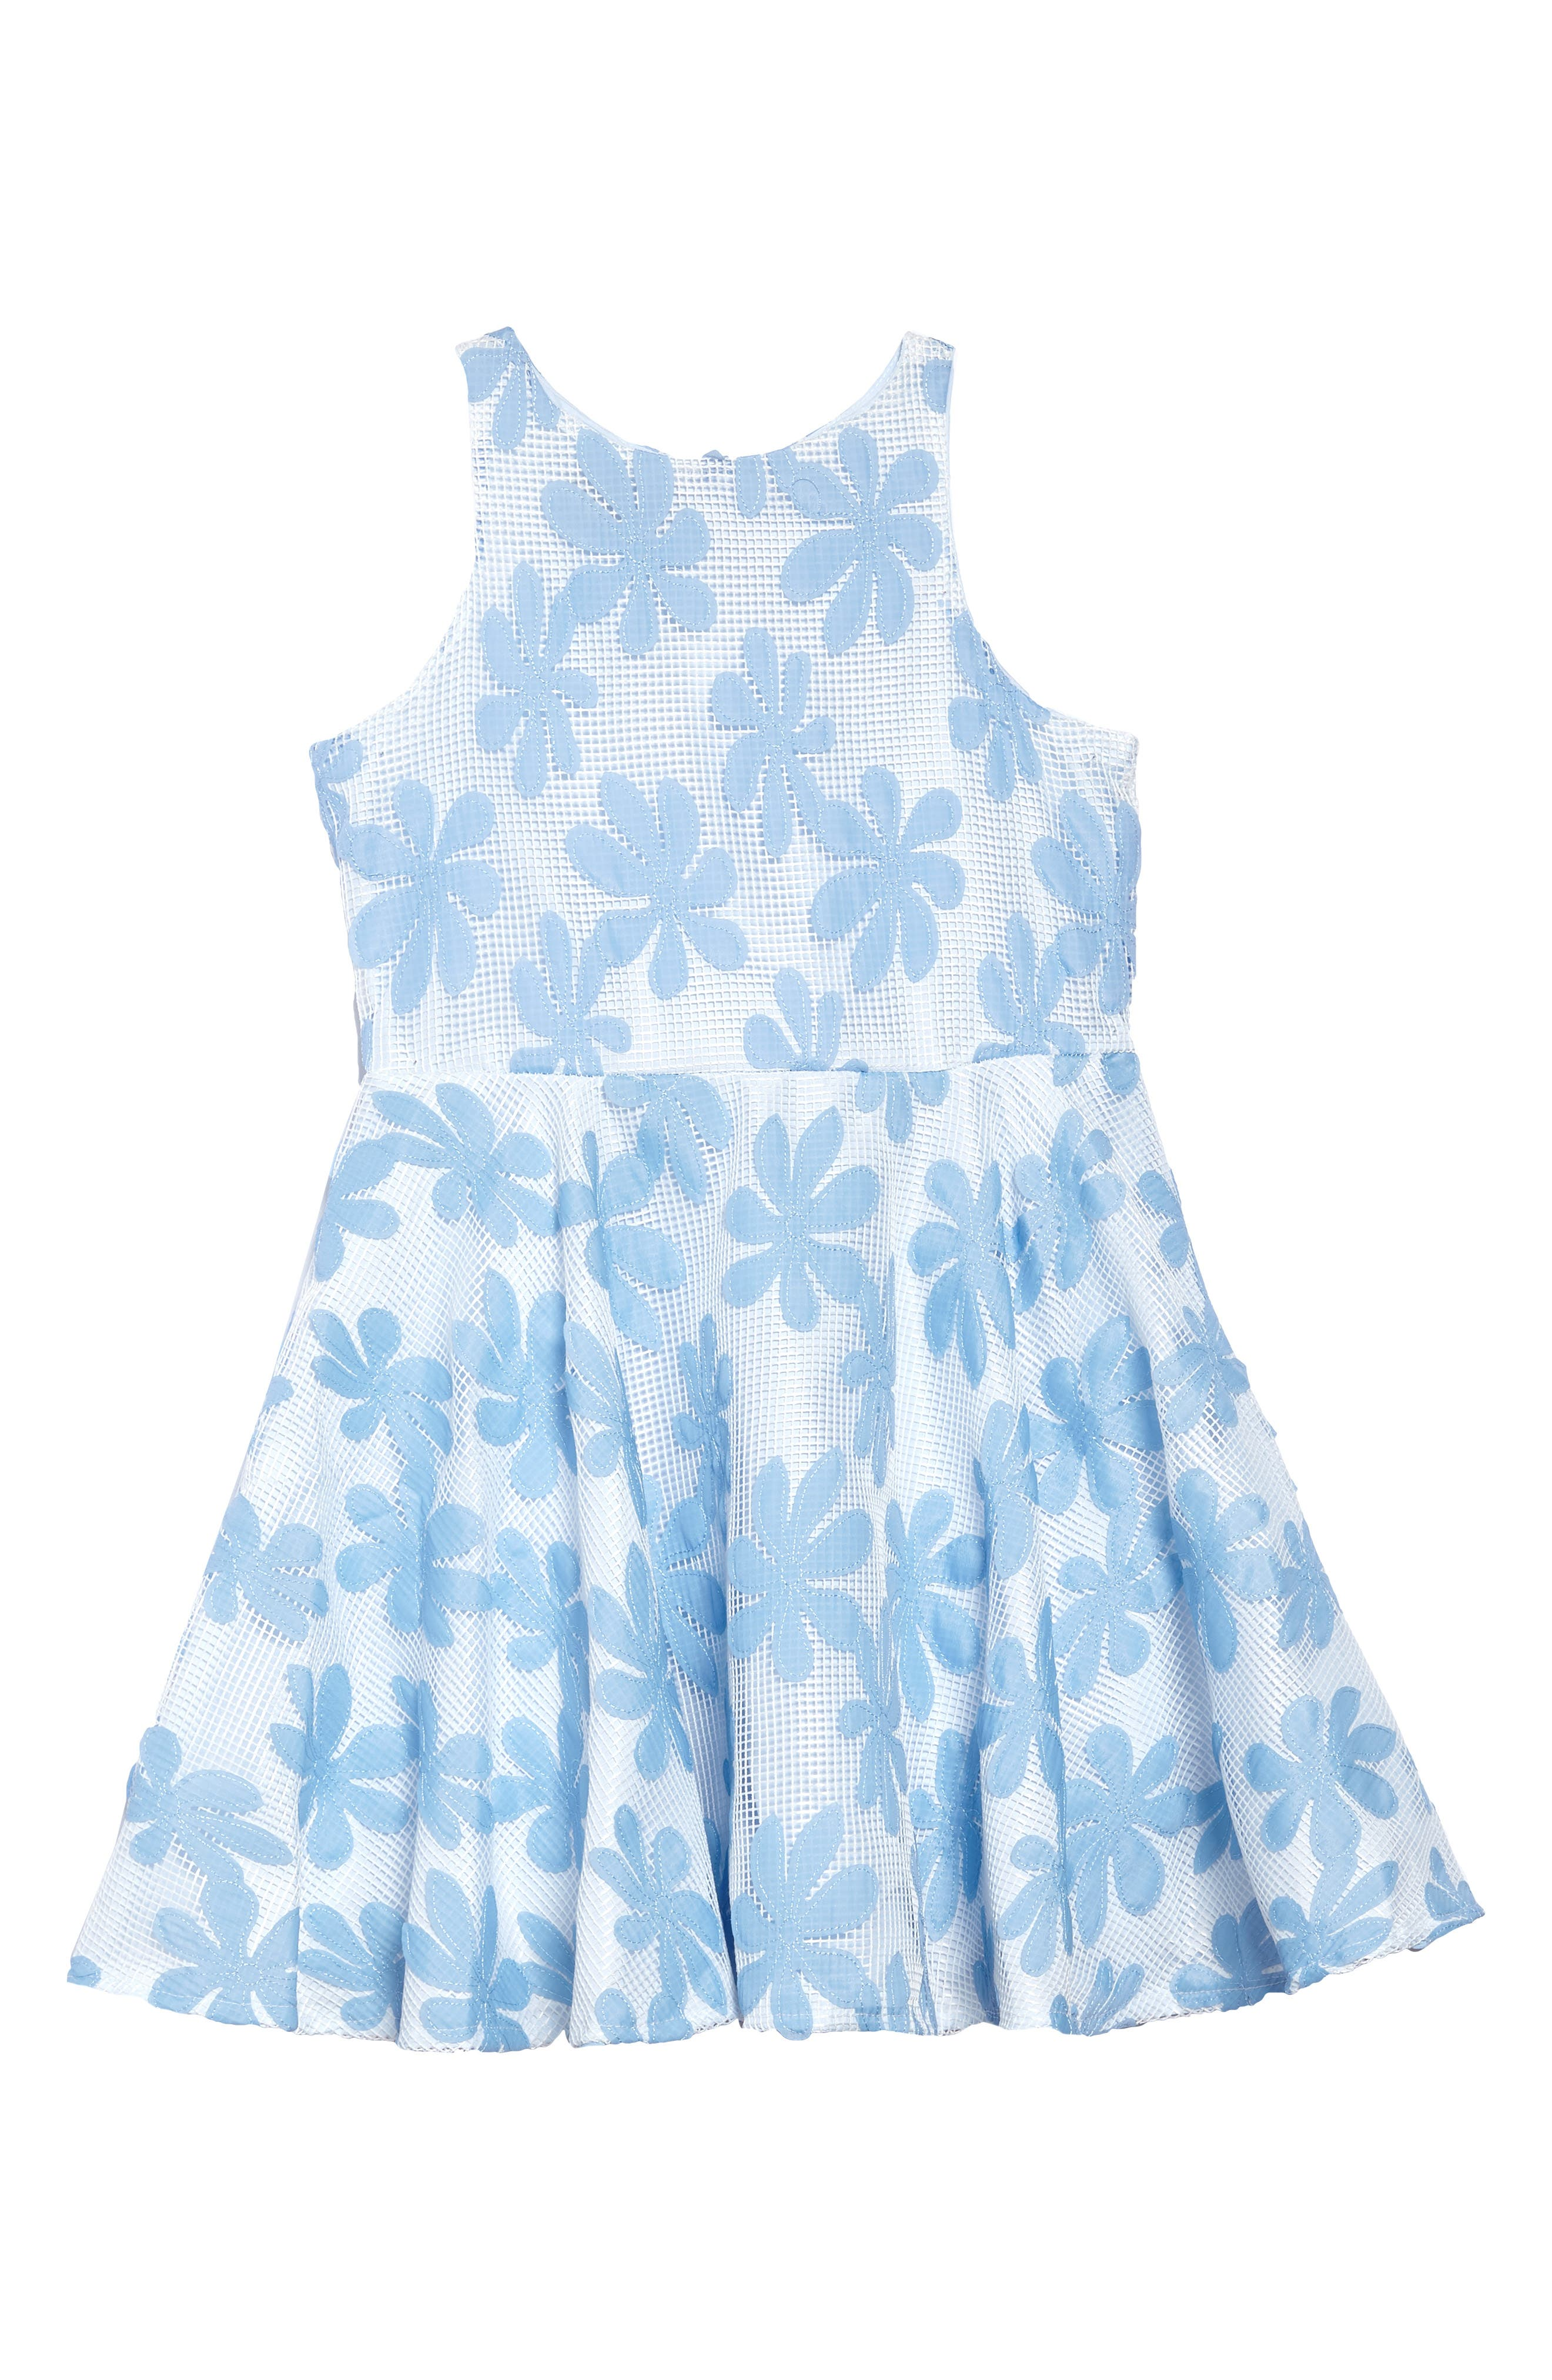 Daisy Appliqué Mesh Dress,                         Main,                         color, White/ Blue